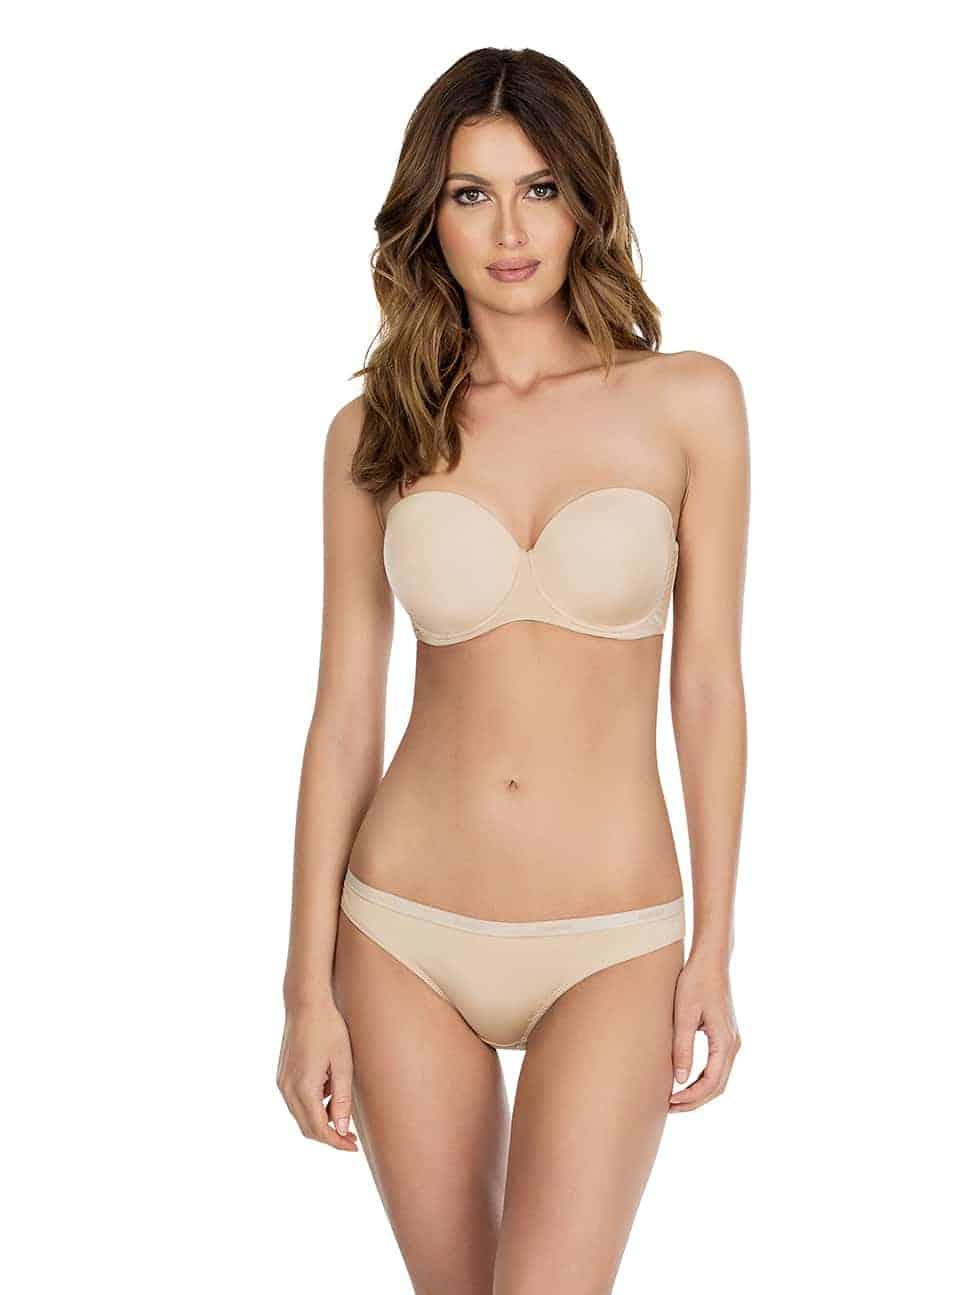 Lynn P13112 P13013Strapless2 - Lynn Bikini - European Nude - P13013